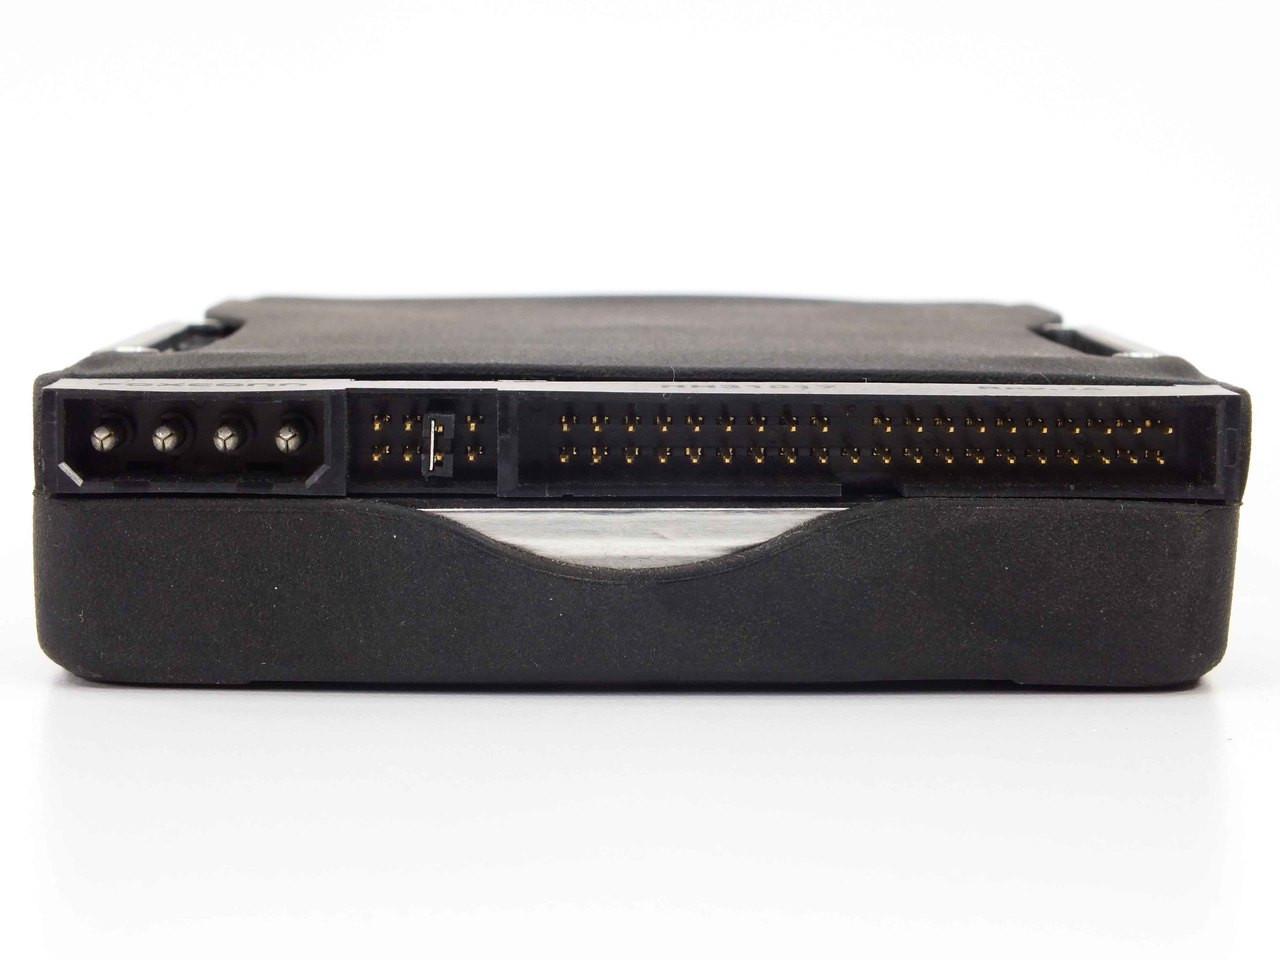 small resolution of  seagate u6 80gb 7200rpm ide ata100 3 5 hard drive st380020a